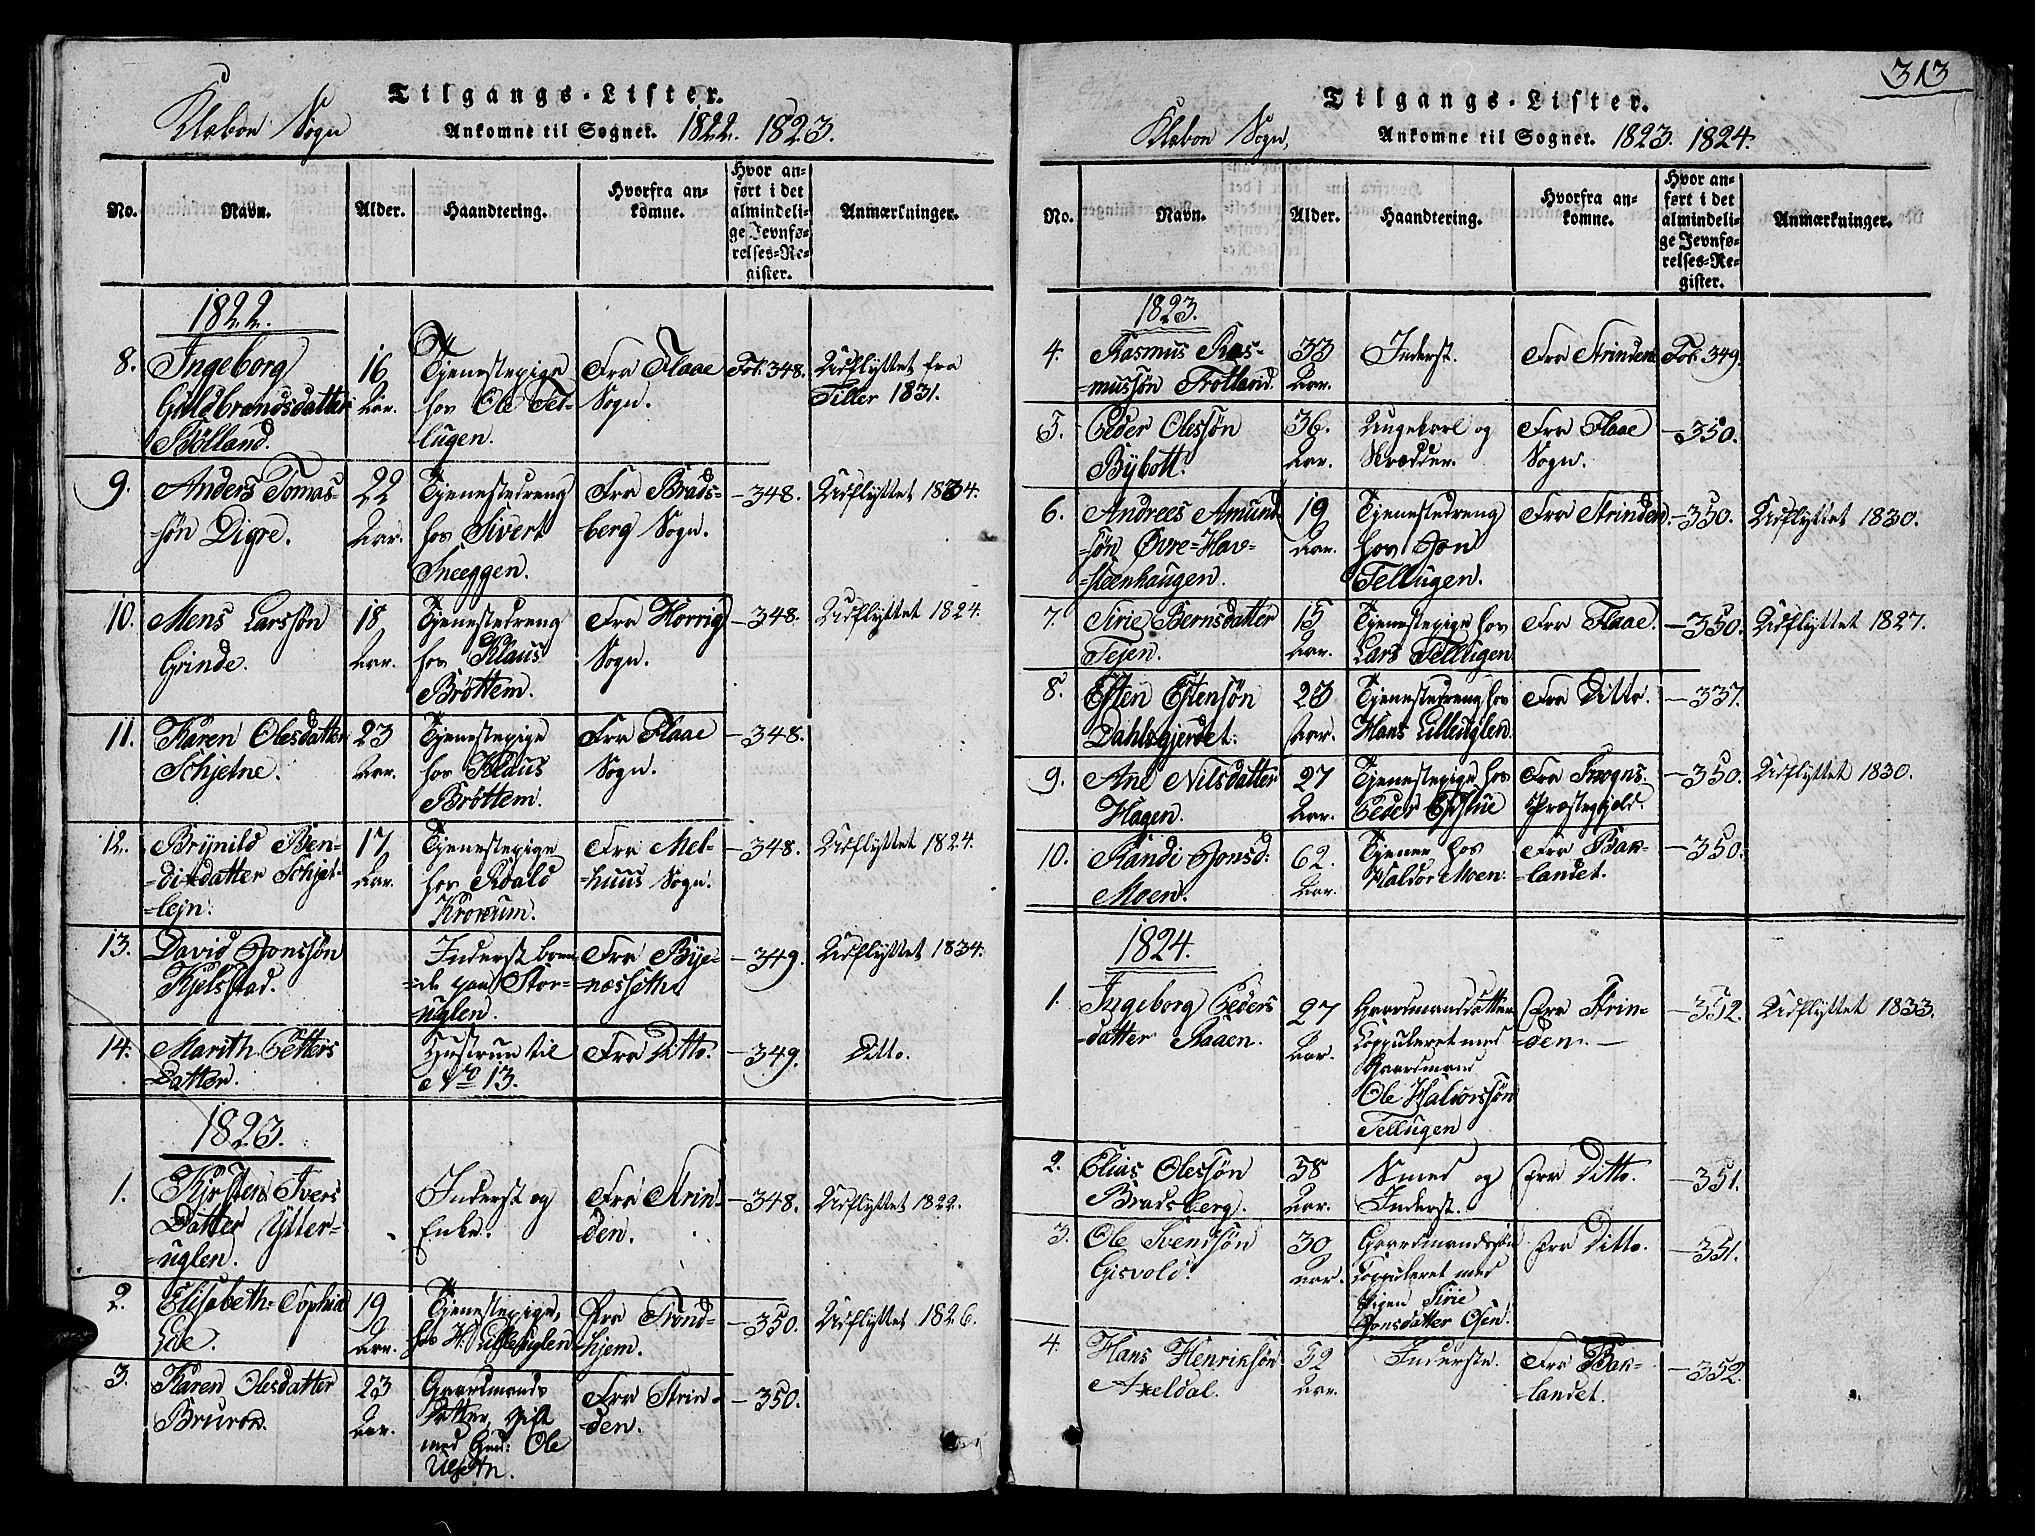 SAT, Ministerialprotokoller, klokkerbøker og fødselsregistre - Sør-Trøndelag, 618/L0450: Klokkerbok nr. 618C01, 1816-1865, s. 313